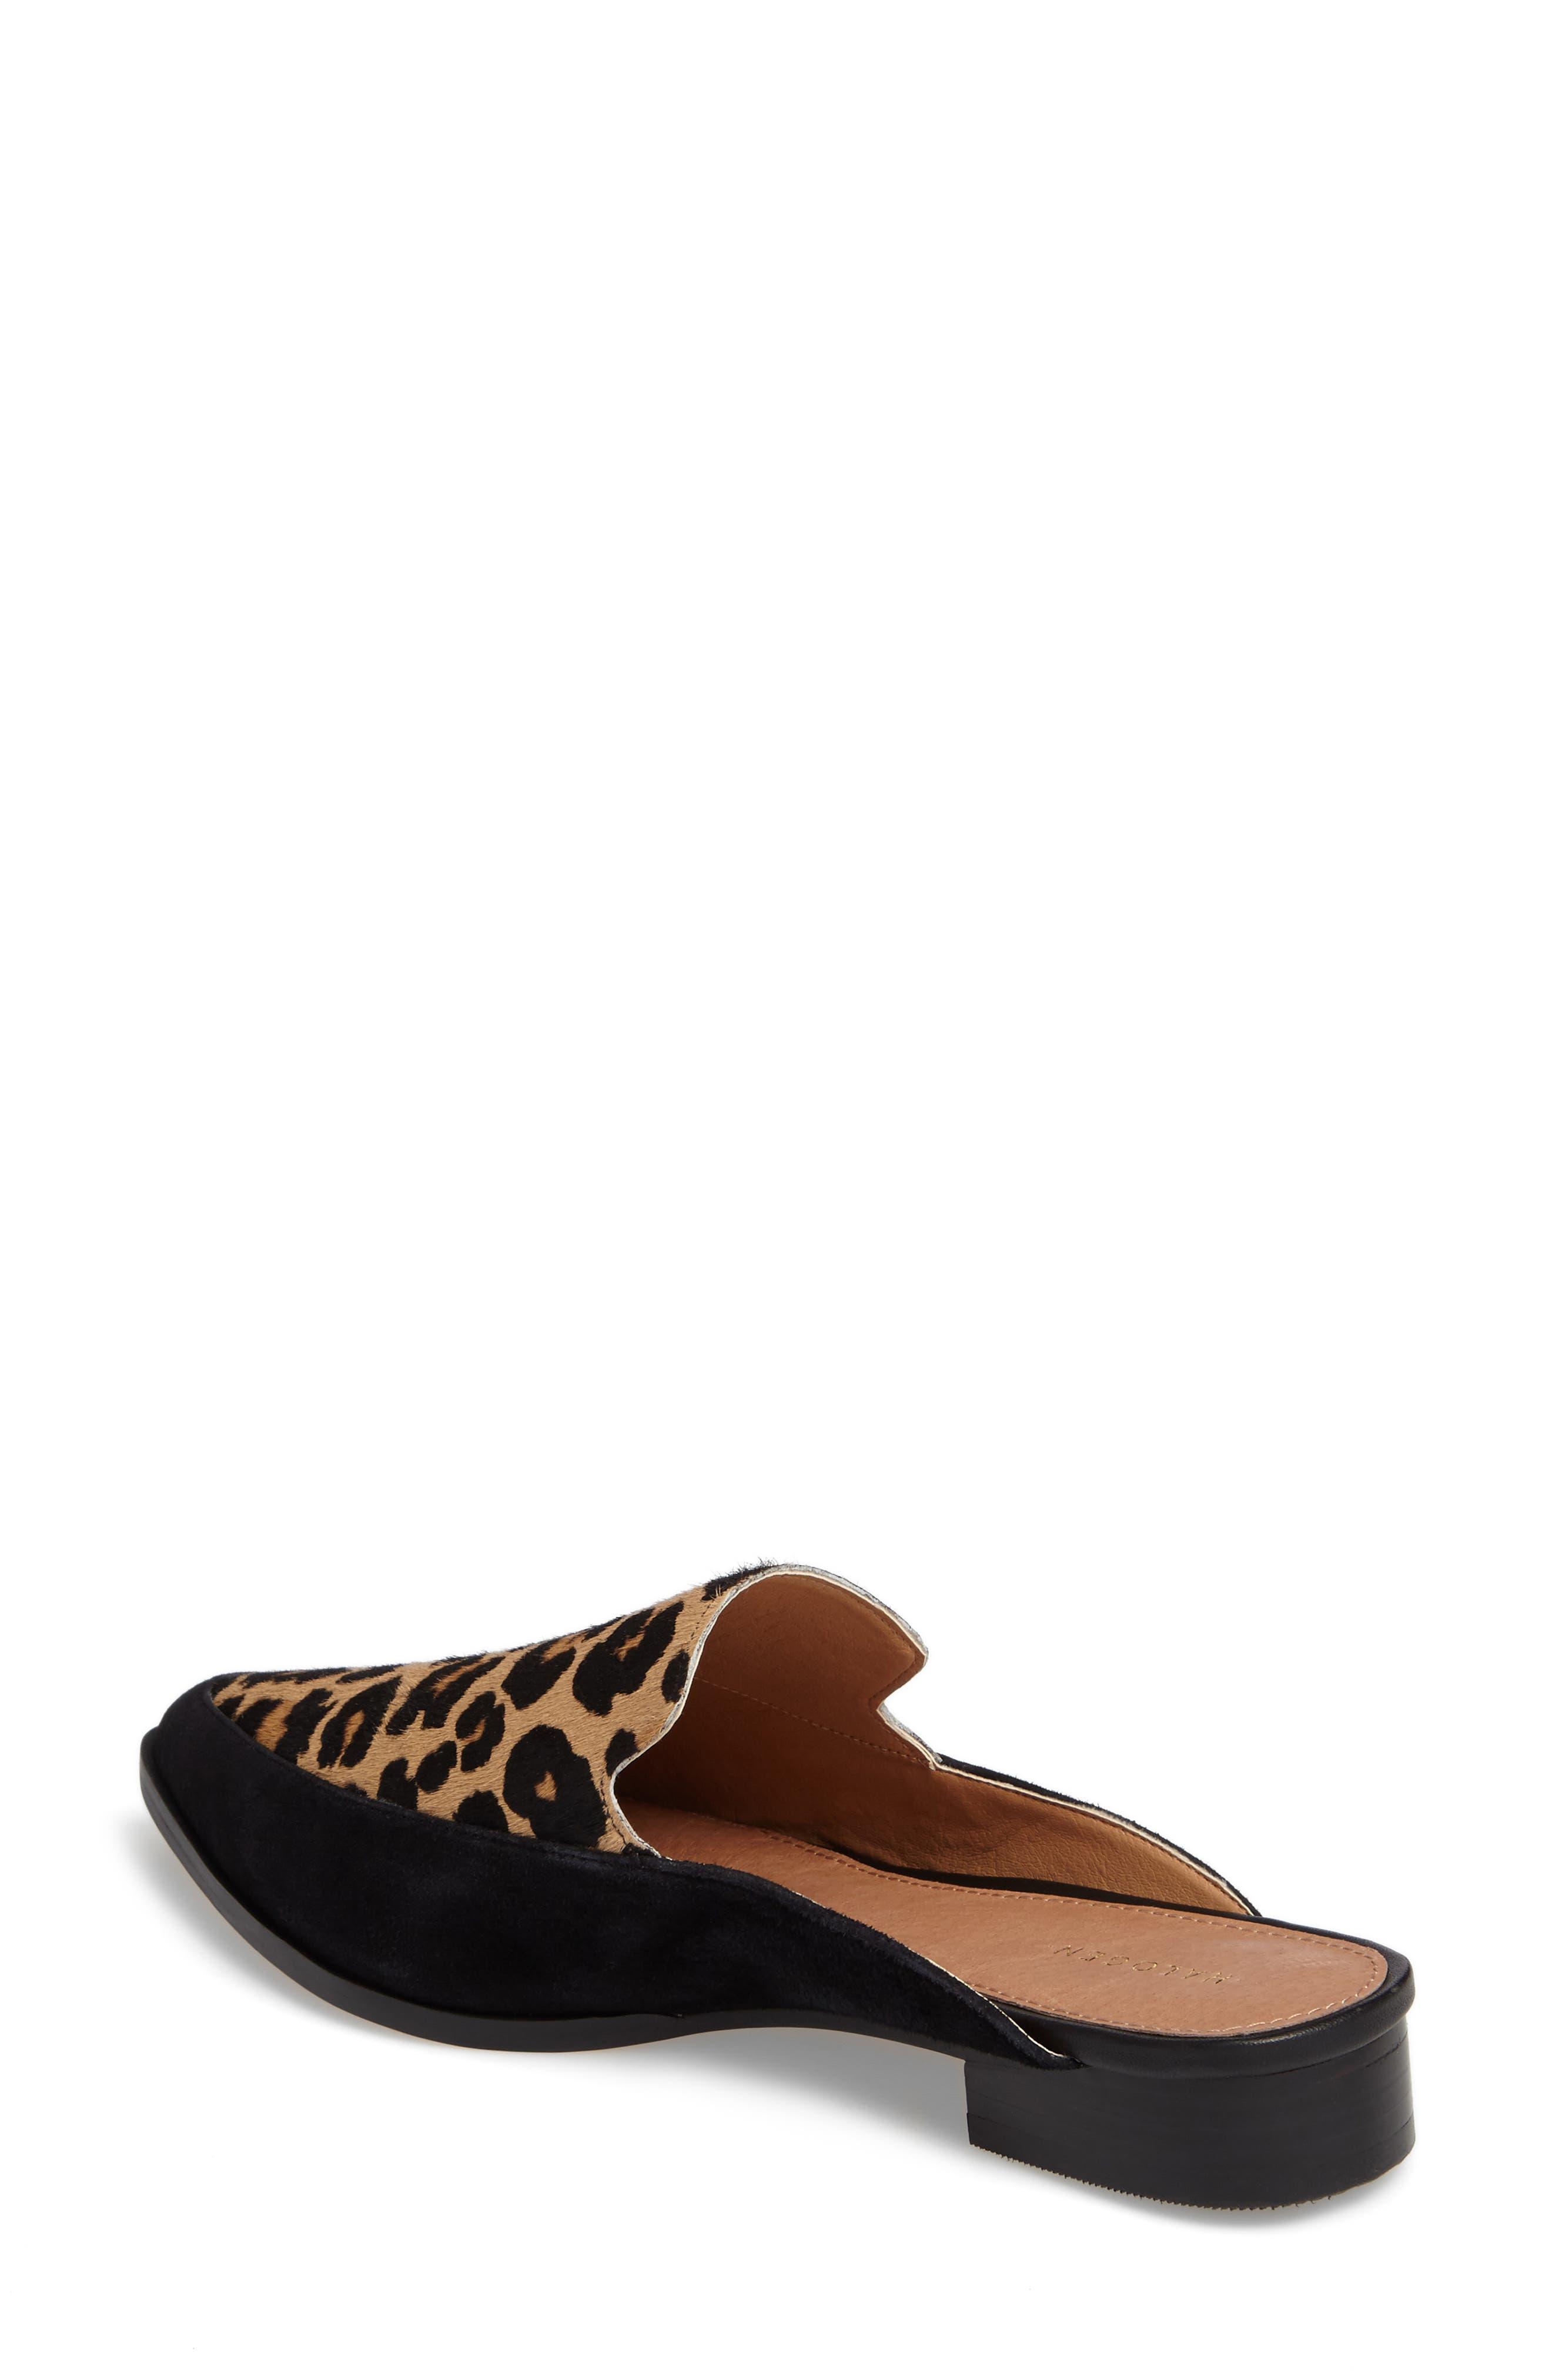 Alternate Image 2  - Halogen® Corbin Genuine Calf Hair Slide Loafer (Women)